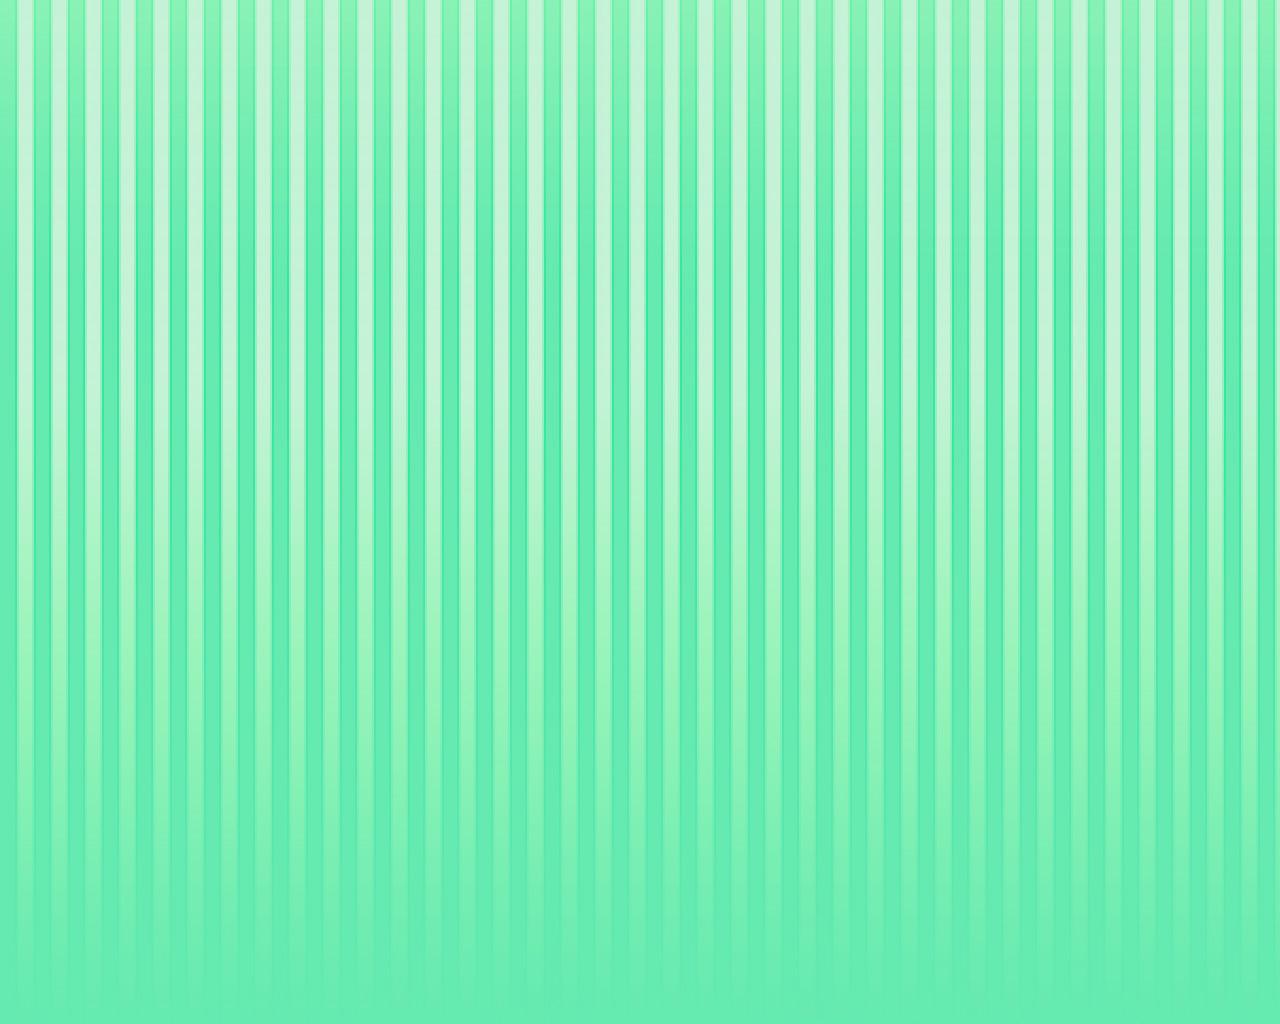 ライトグリーンのストライプの背景 緑の縞模様の壁紙 1280x1024 Wallpapertip